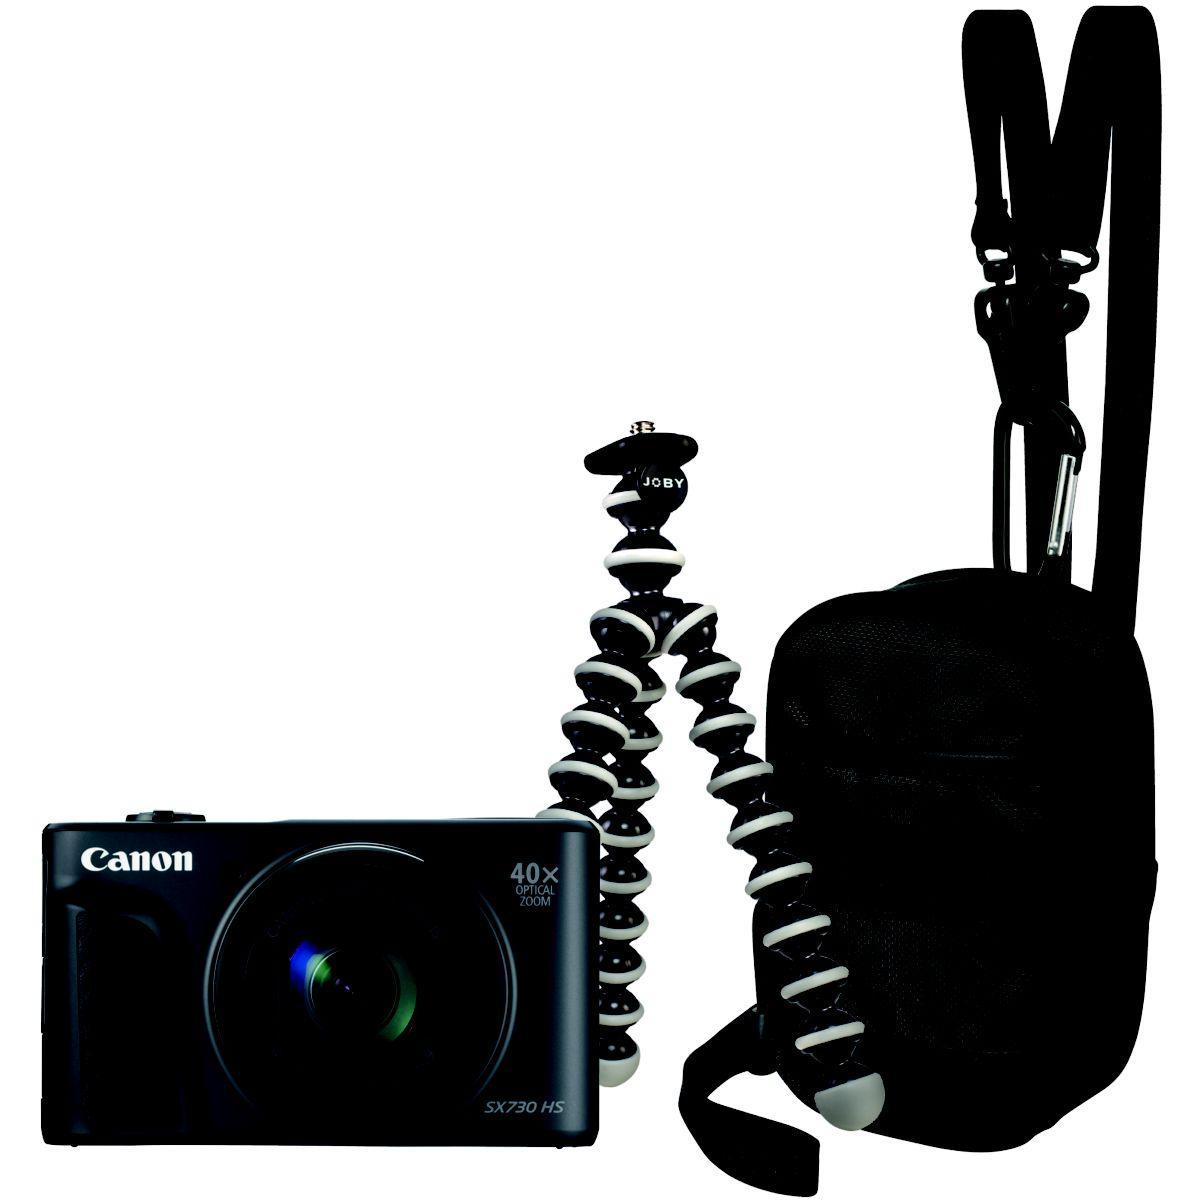 Appareil photo compact canon powershot sx730hs noir travel kit - 10% de remise imm�diate avec le code : school10 (photo)